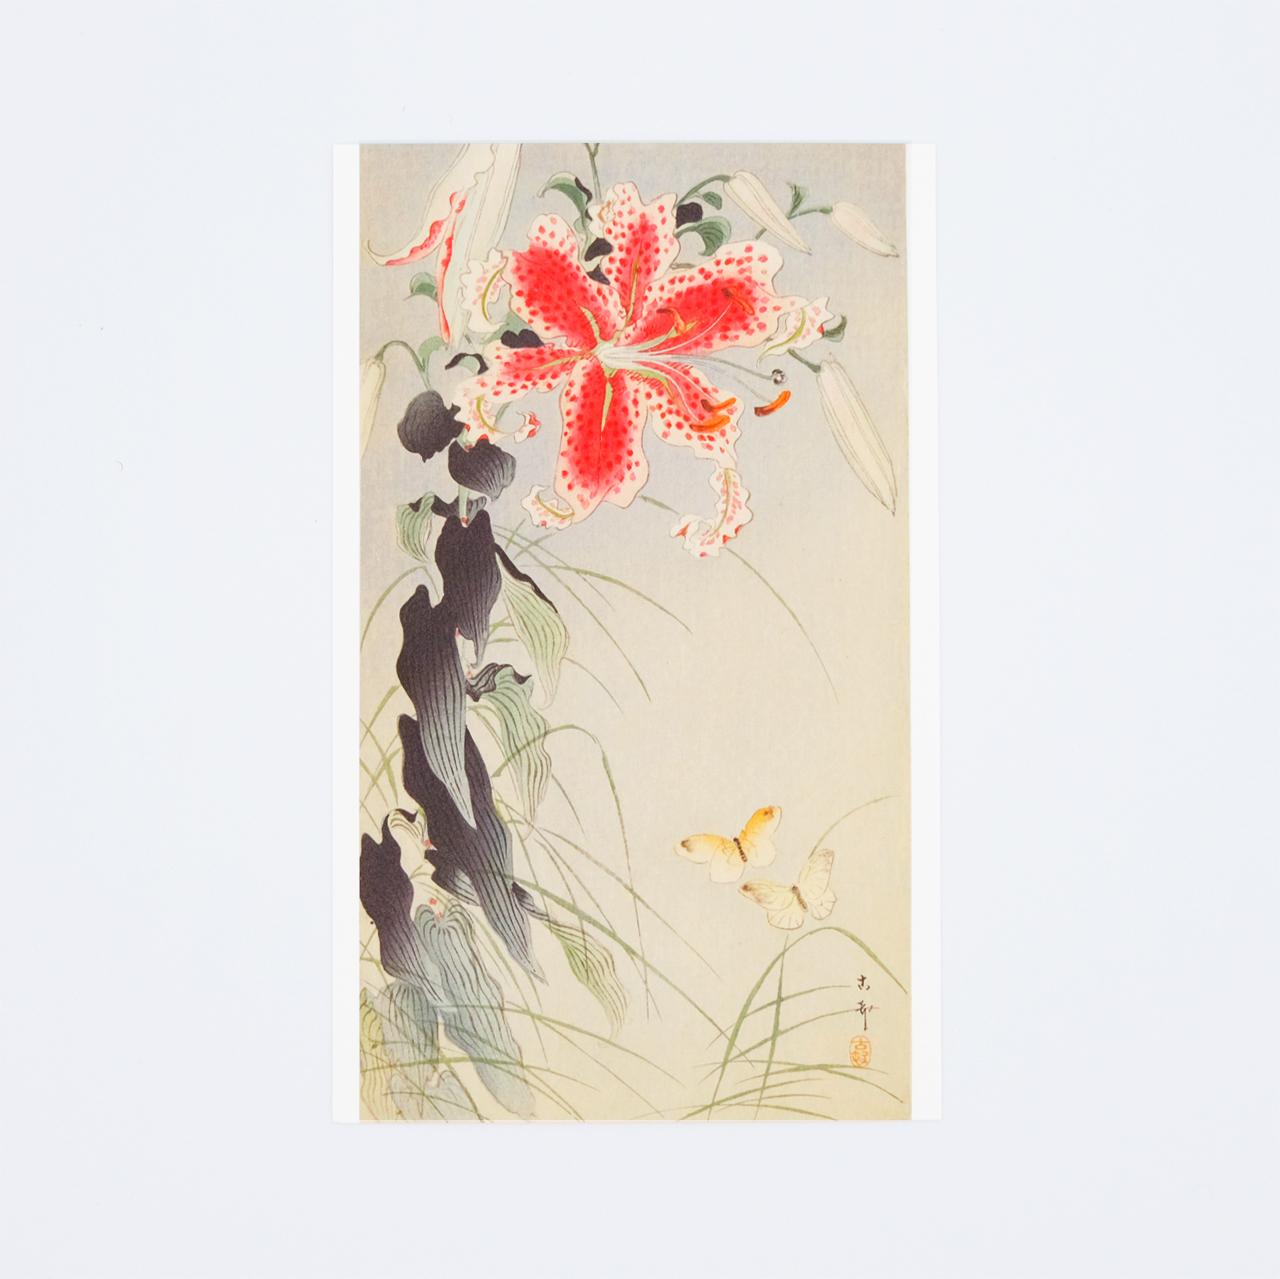 小原古邨ポストカード 鹿の子百合に紋白蝶